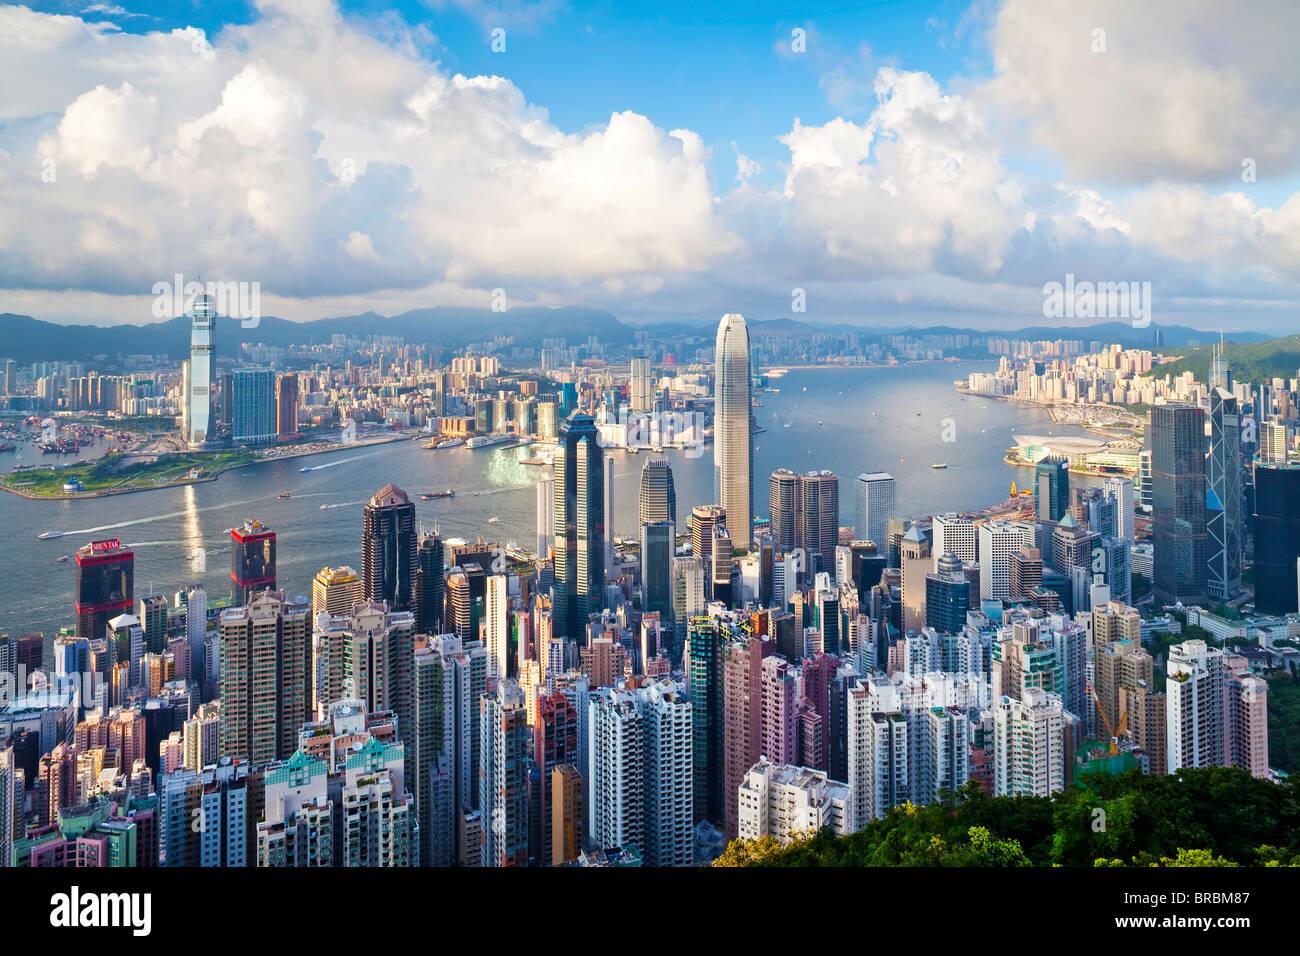 El horizonte de la ciudad y el puerto de Victoria visto desde el Pico Victoria, Hong Kong, China Imagen De Stock